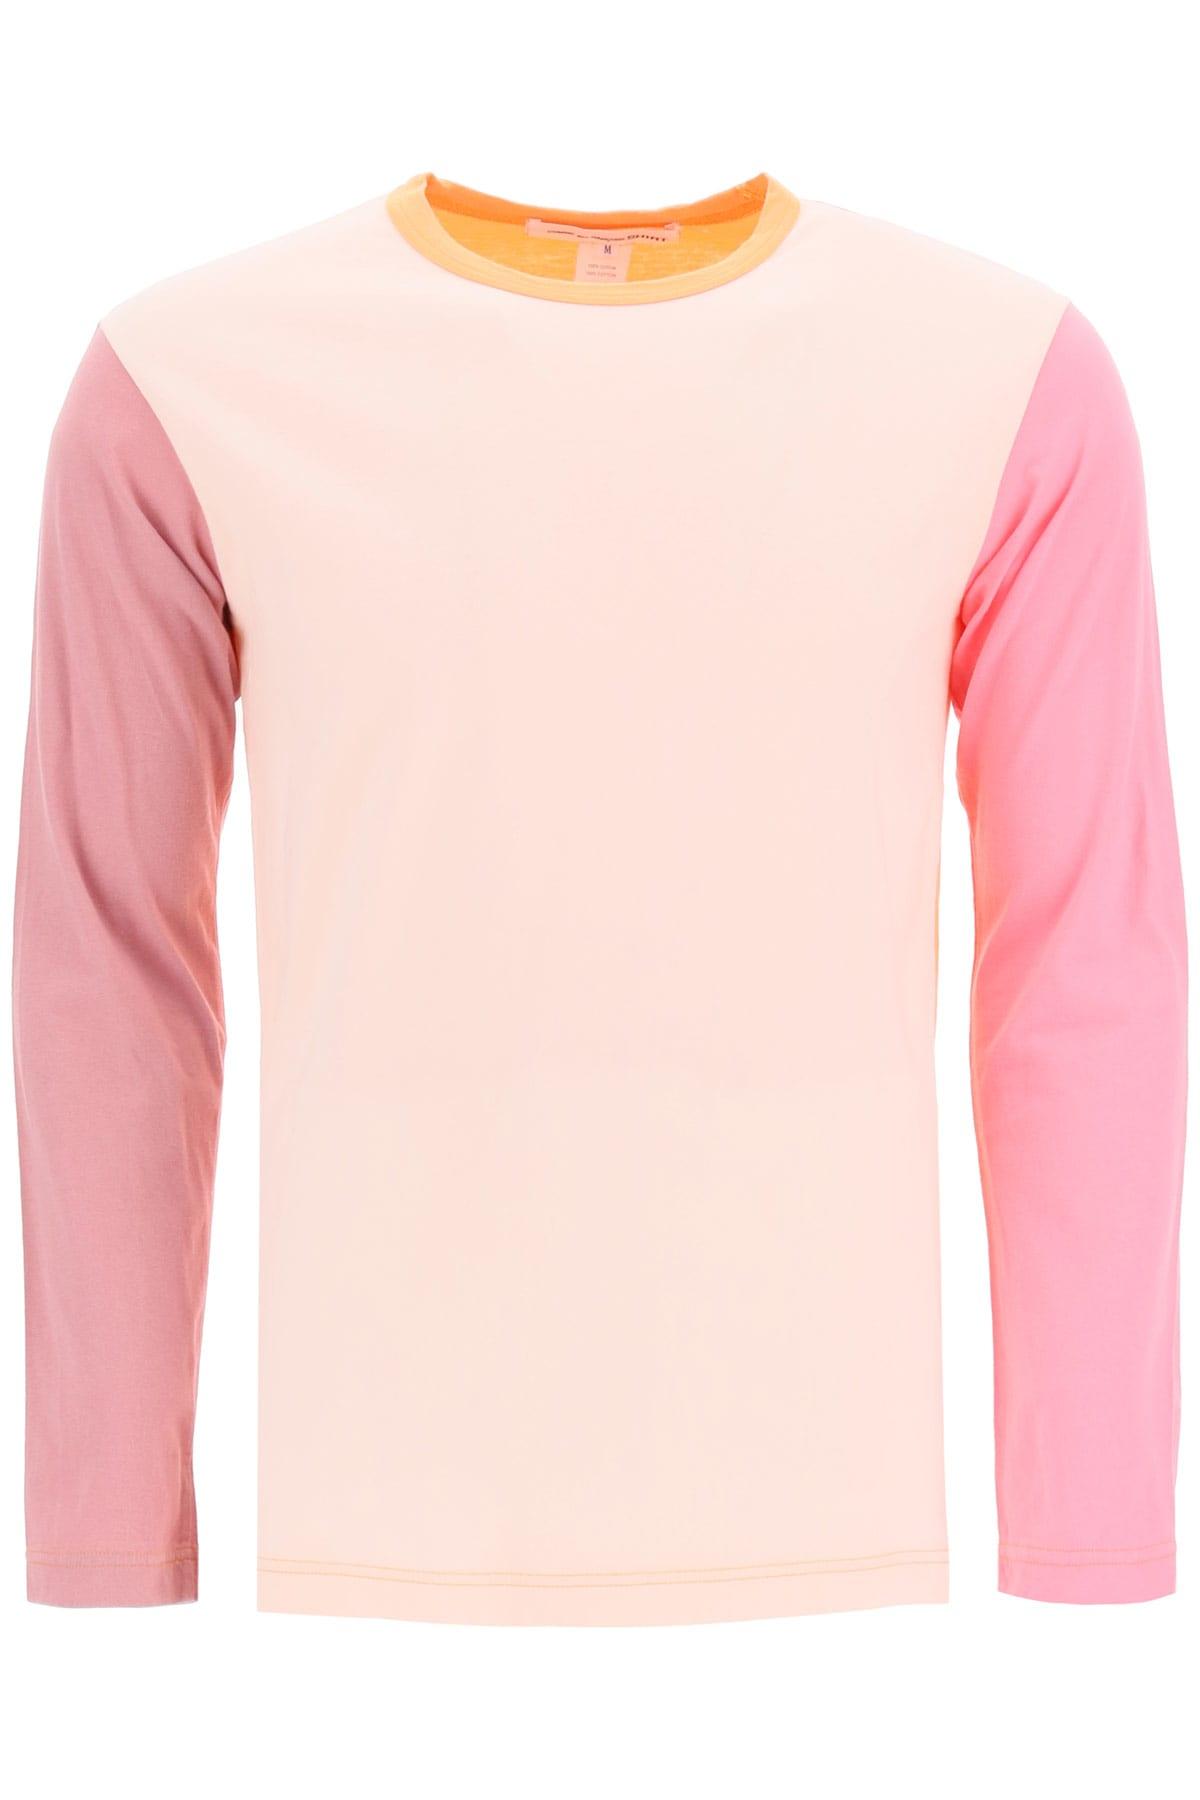 Comme Des Garçons Shirt COLOR BLOCK LOGO T-SHIRT